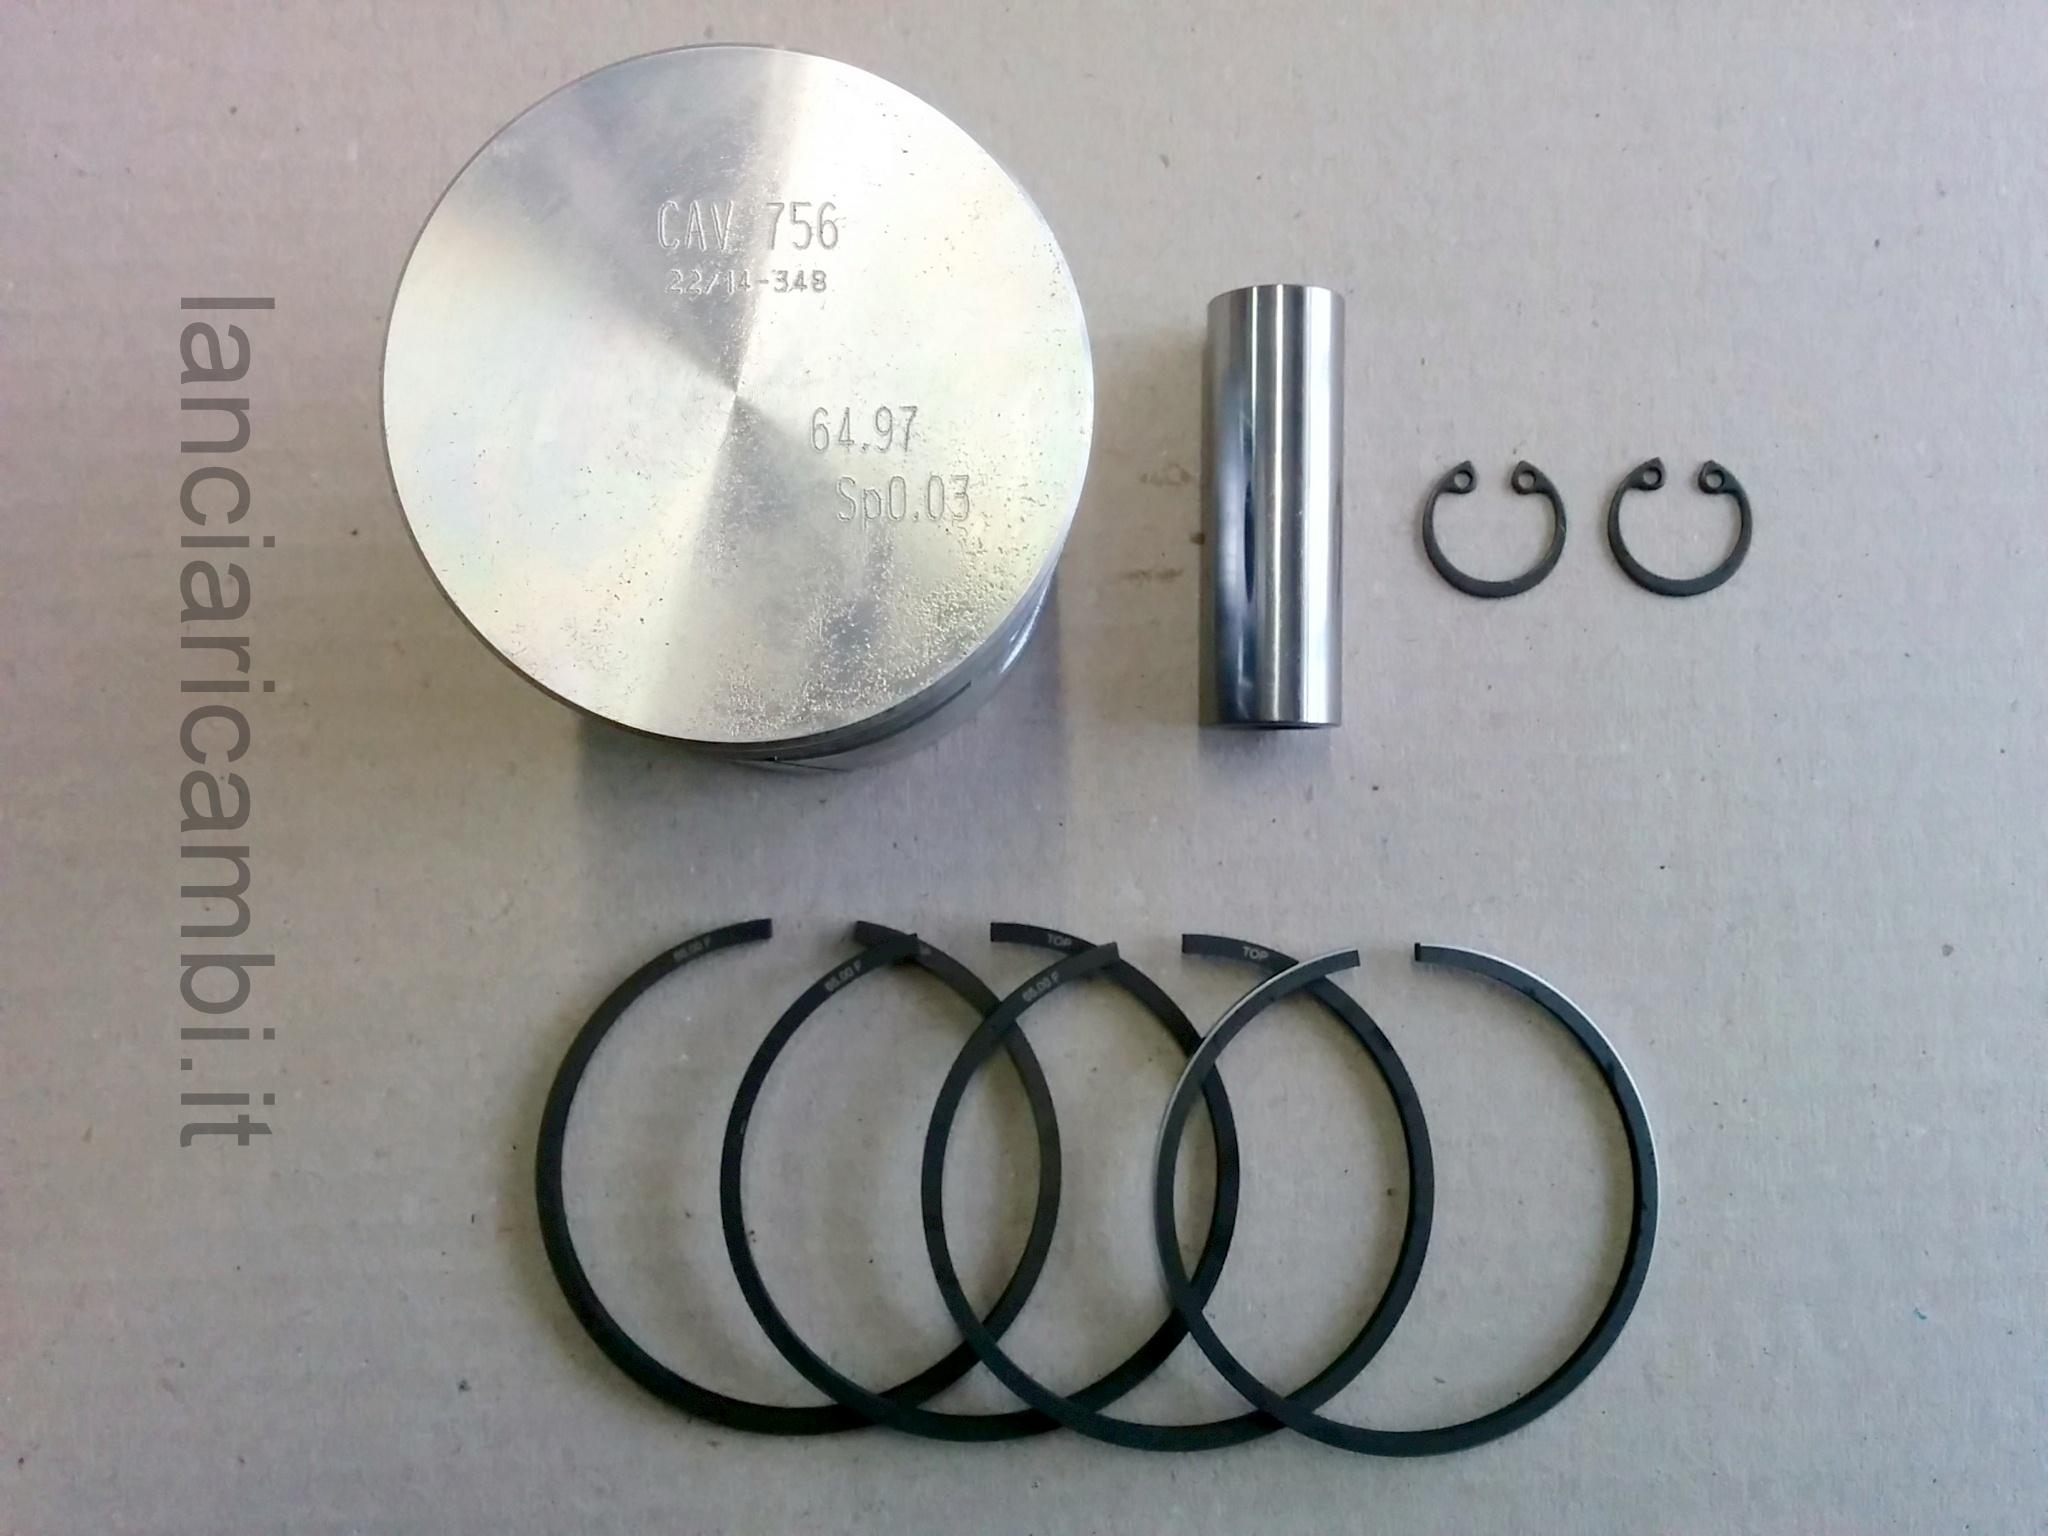 CAV756 - Pistone completo Balilla disponibile nelle misure 65, 65.6, 65.8, 66, 66.4 mm